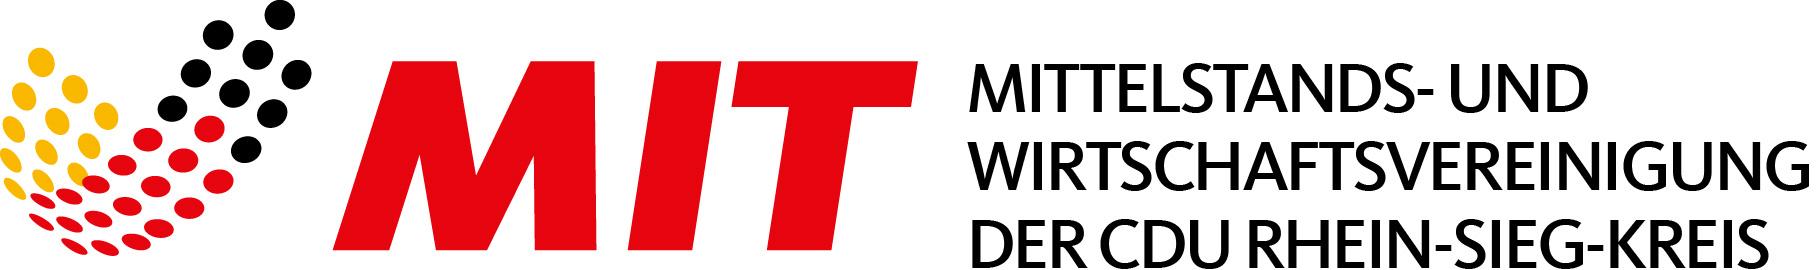 Logo der Mittelstands- und Wirtschaftsvereinigung der CDU Rhein-Sieg-Kreis